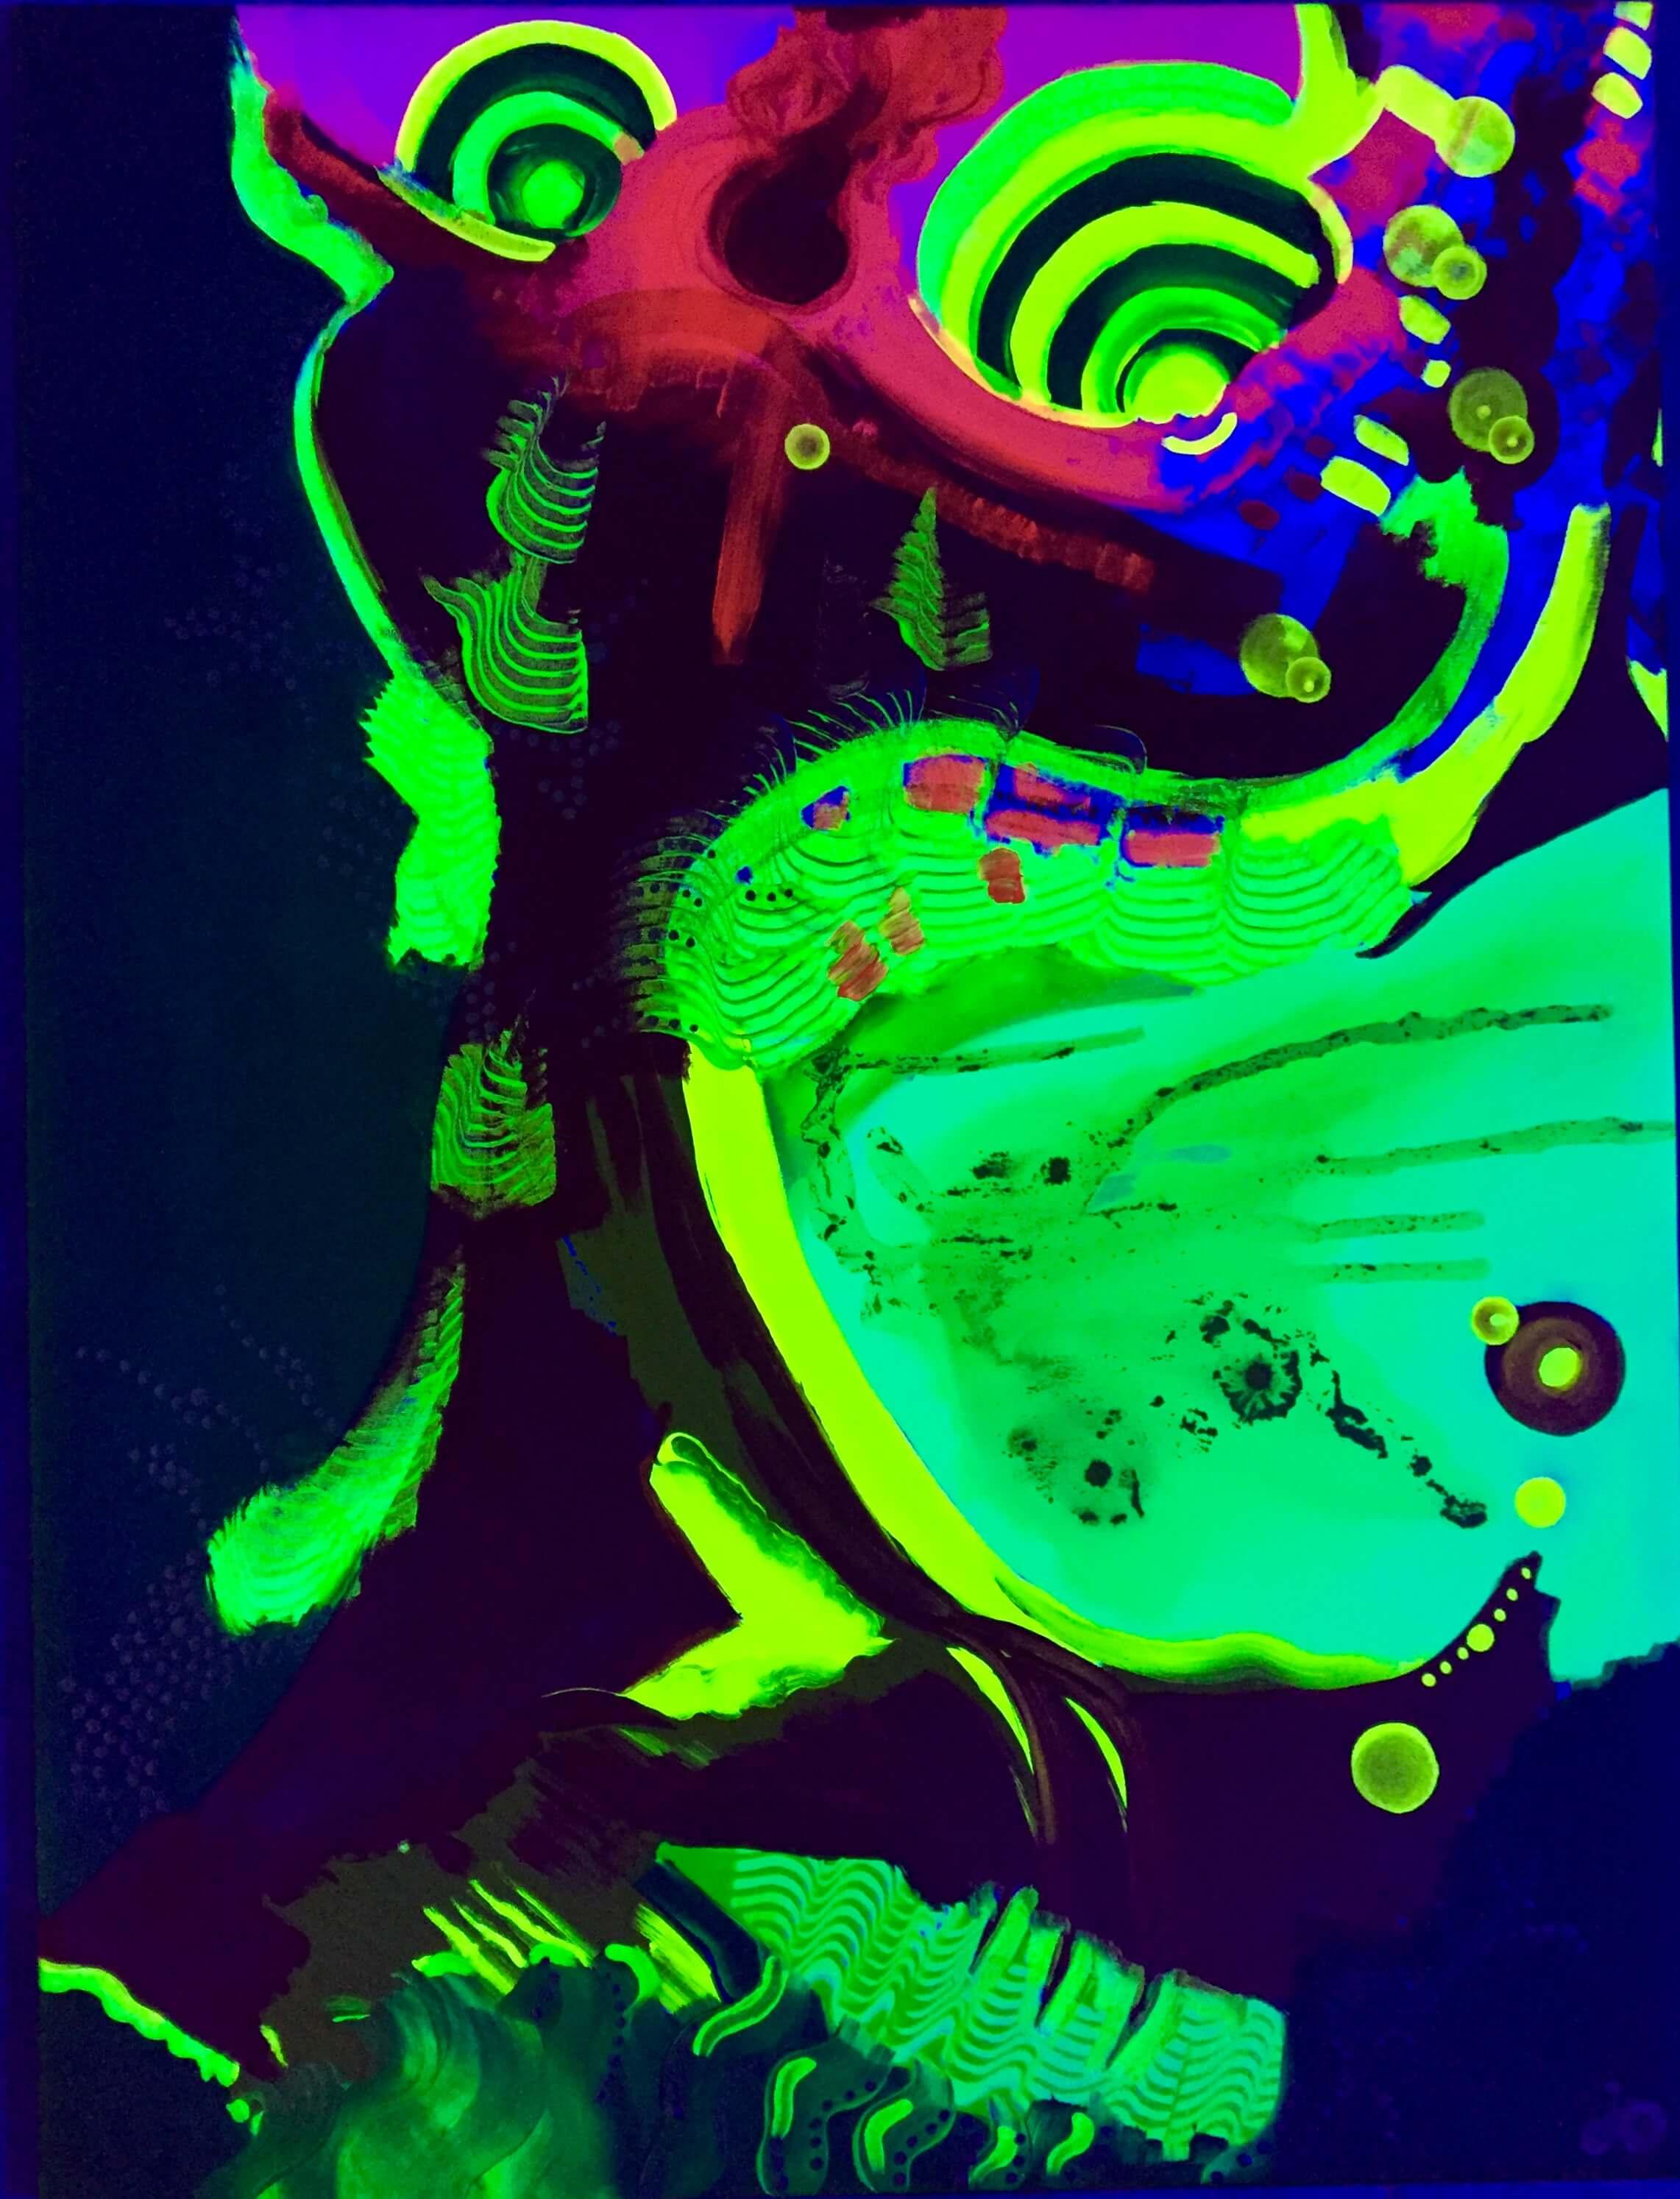 uv art, uv, uv artist, psychodelic art, ultrafiolet, obraz uv, psychodeliczny, klimatyczny